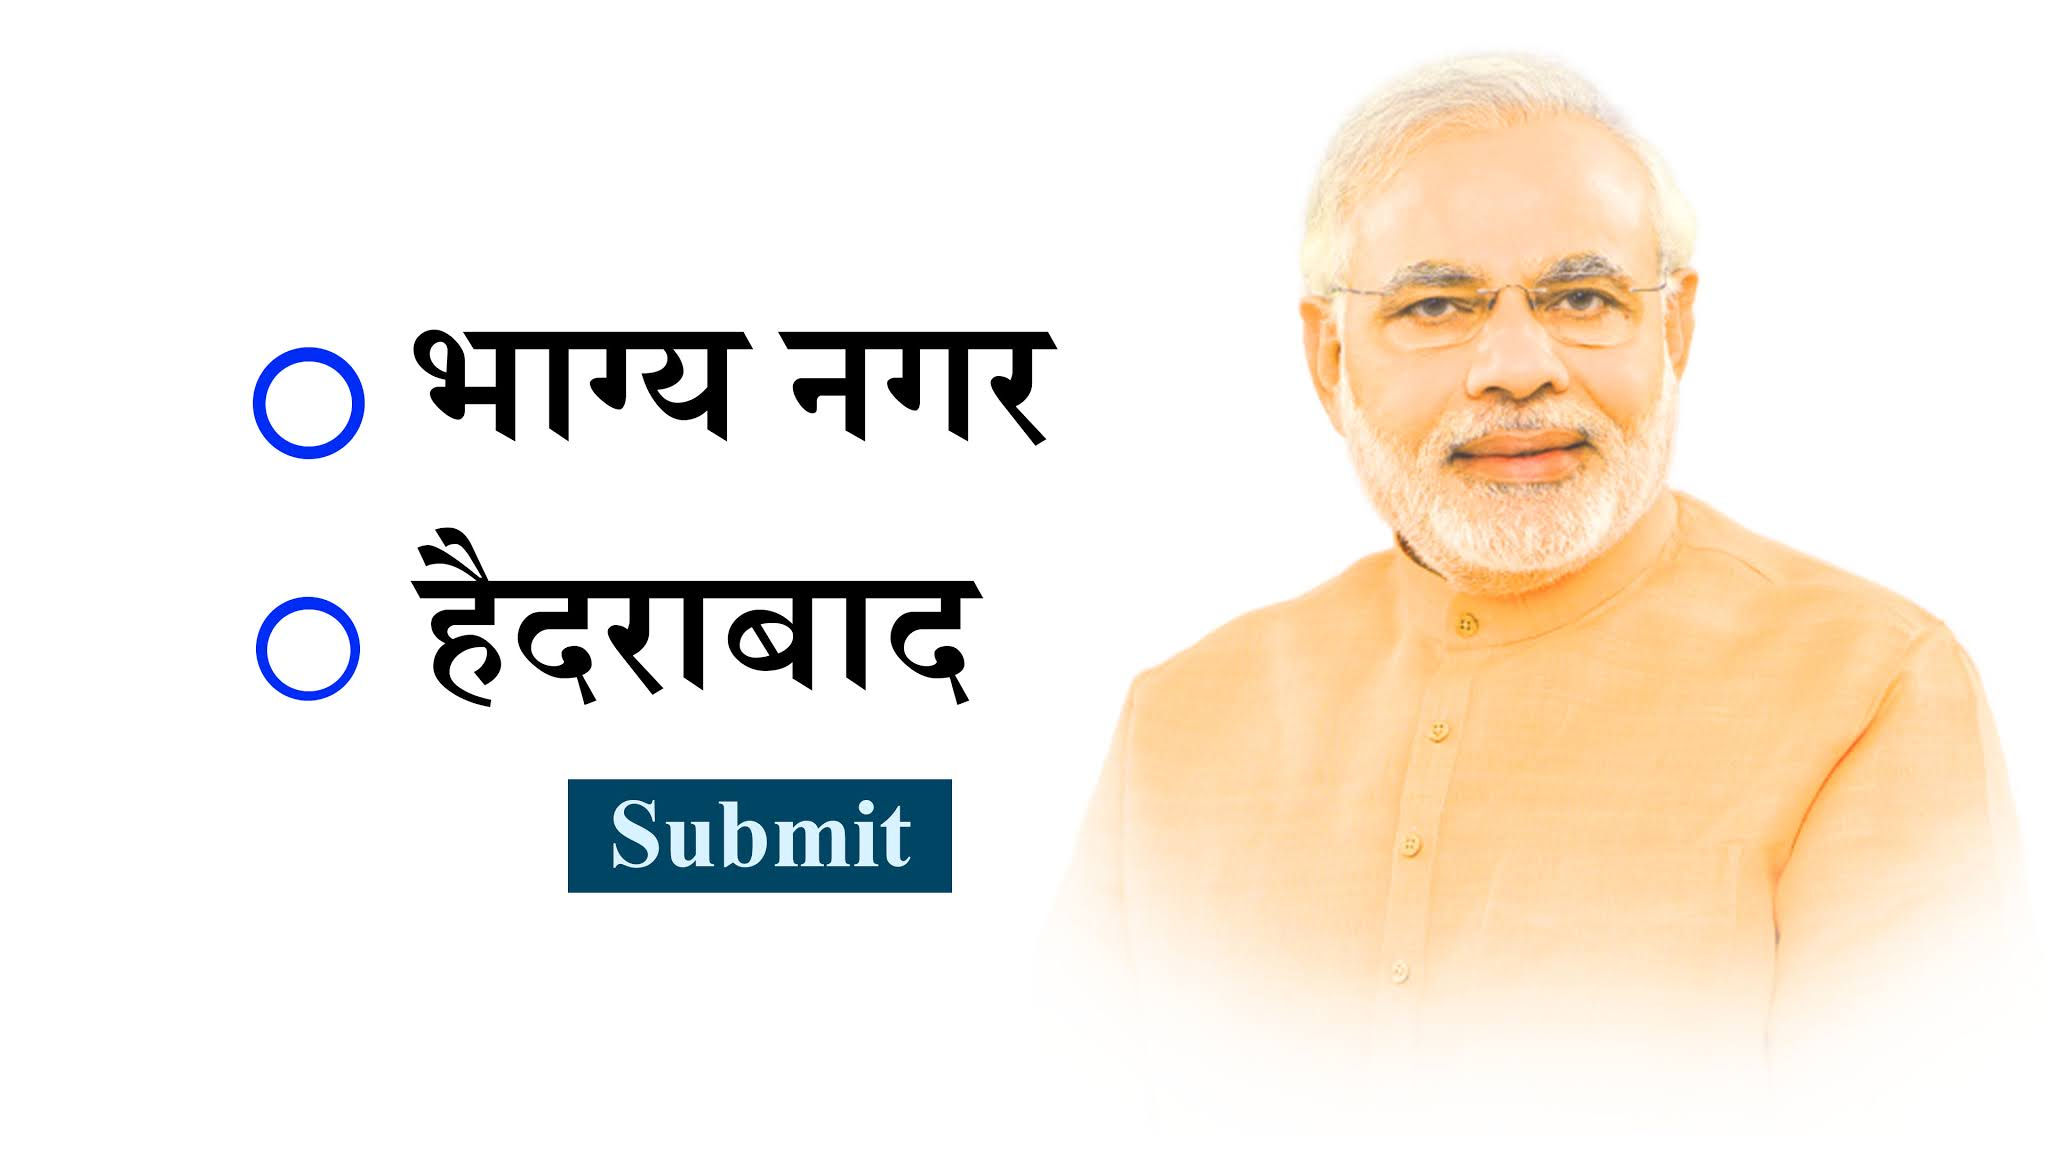 हैदराबाद को भाग्यनगर बनाने के लिए वोट करें।